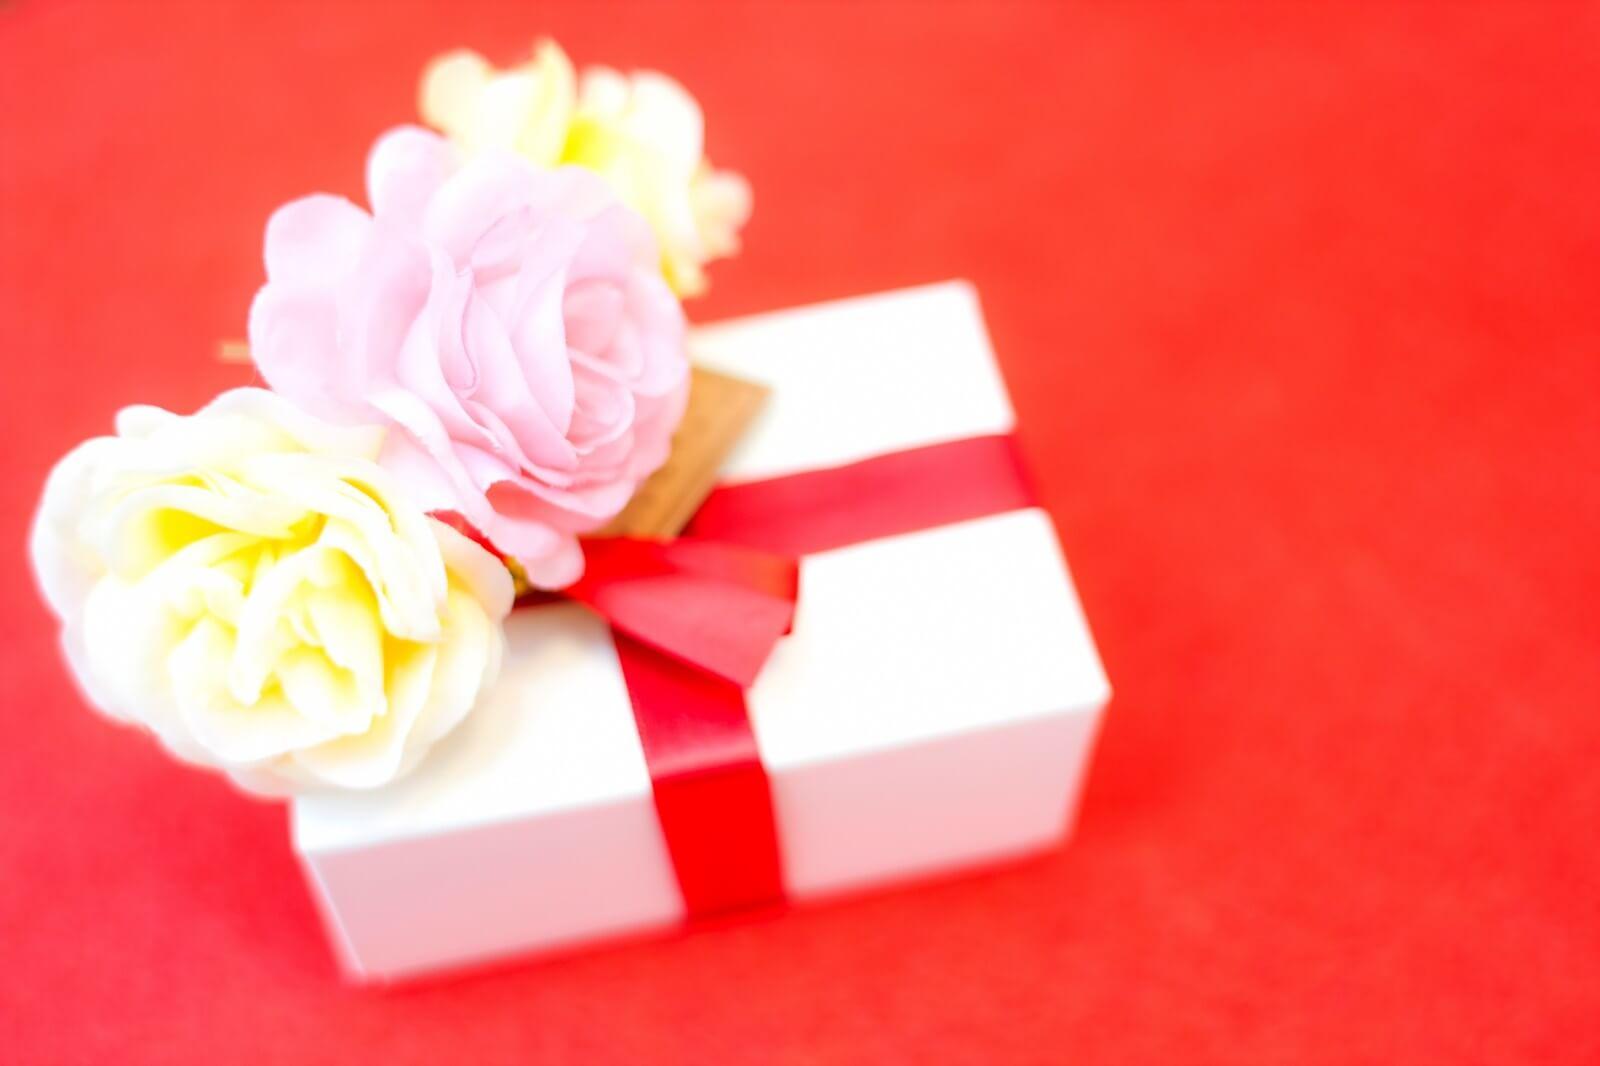 チェキ instaxはどんな場面で活躍する? 記念品やプレゼント